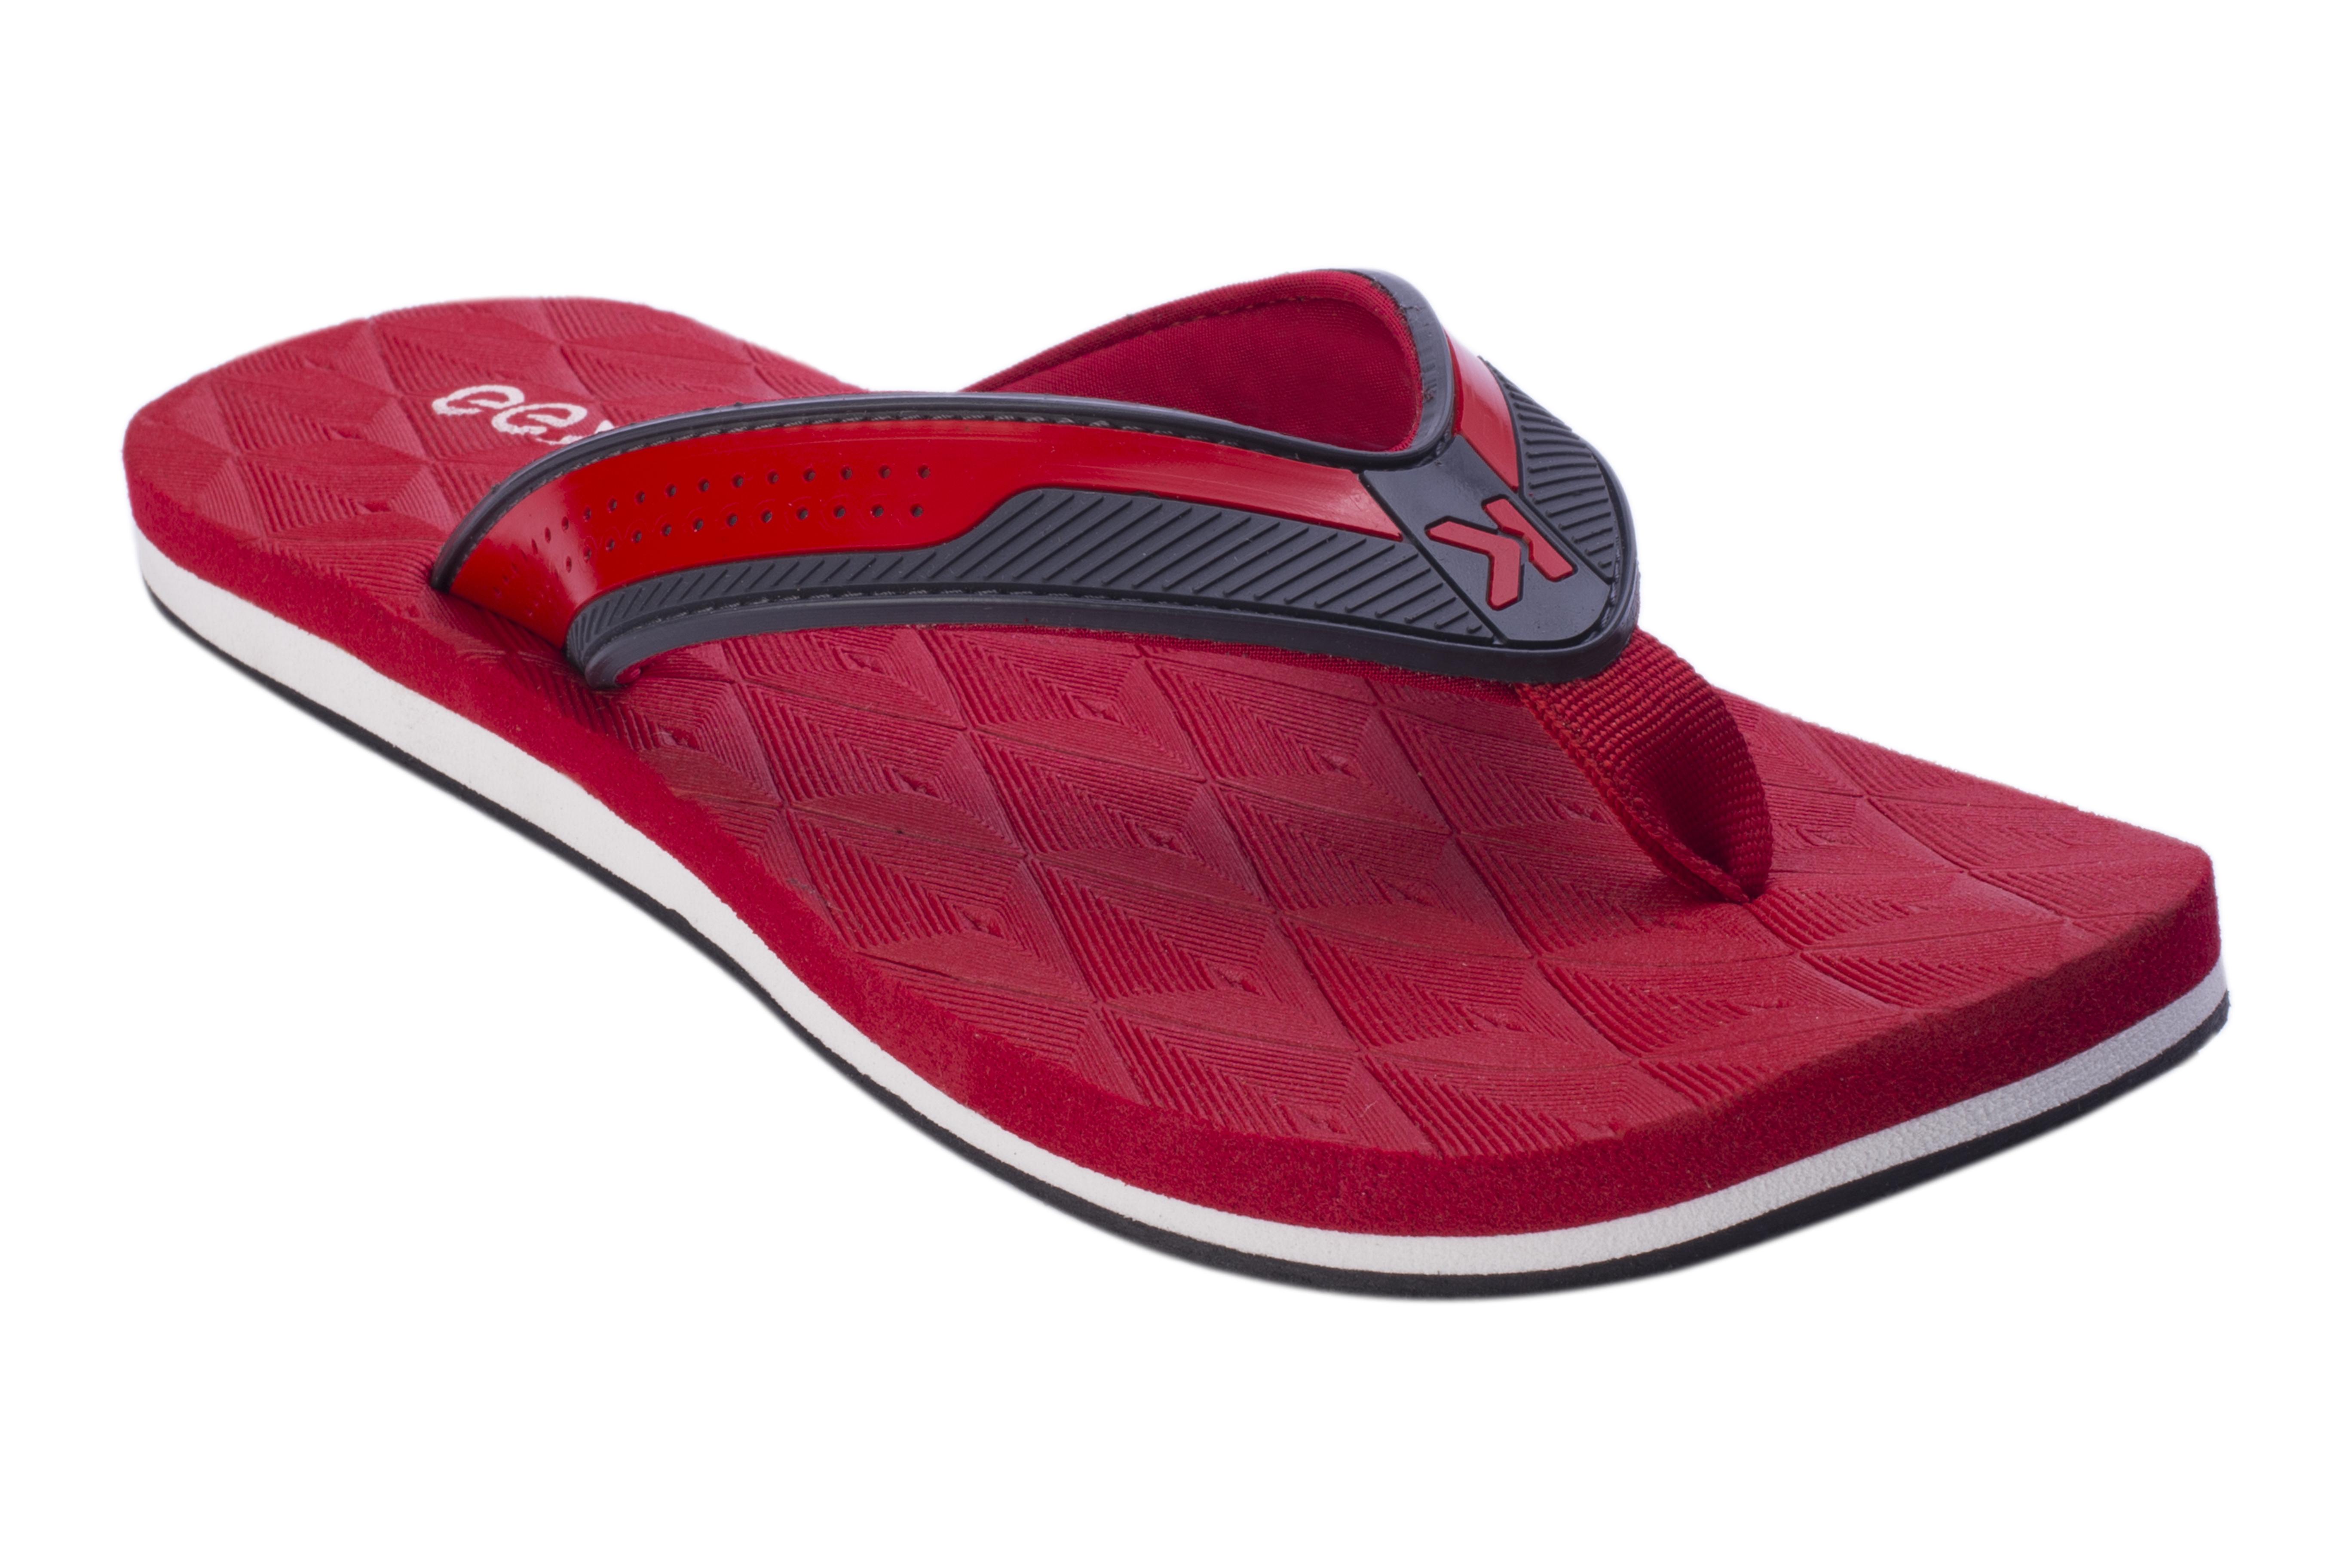 EEKEN | EEKEN Red Lightweight Flip-Flop for Men by Paragon